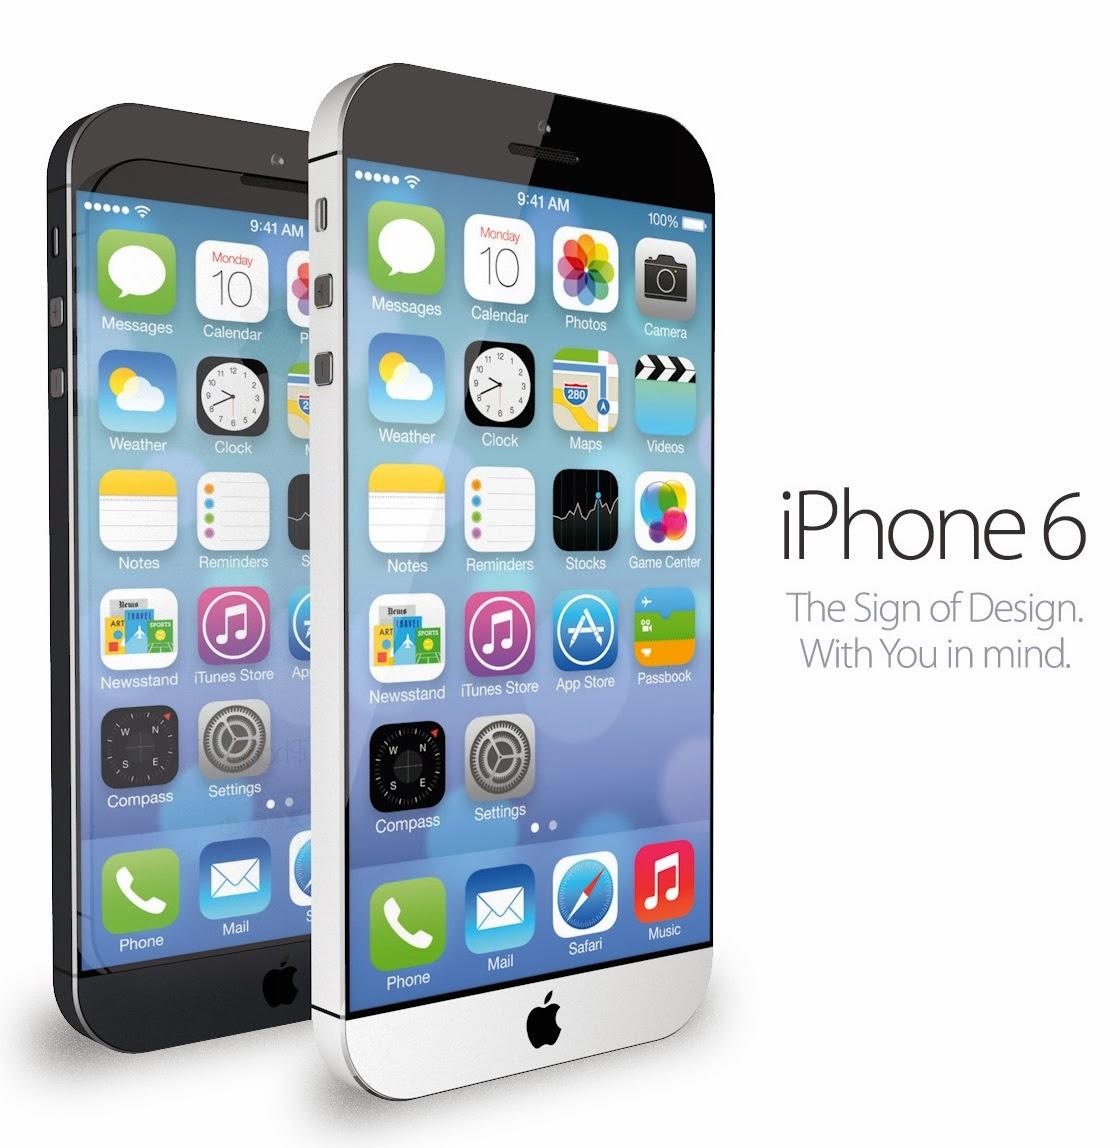 iPhone 6 June 2014